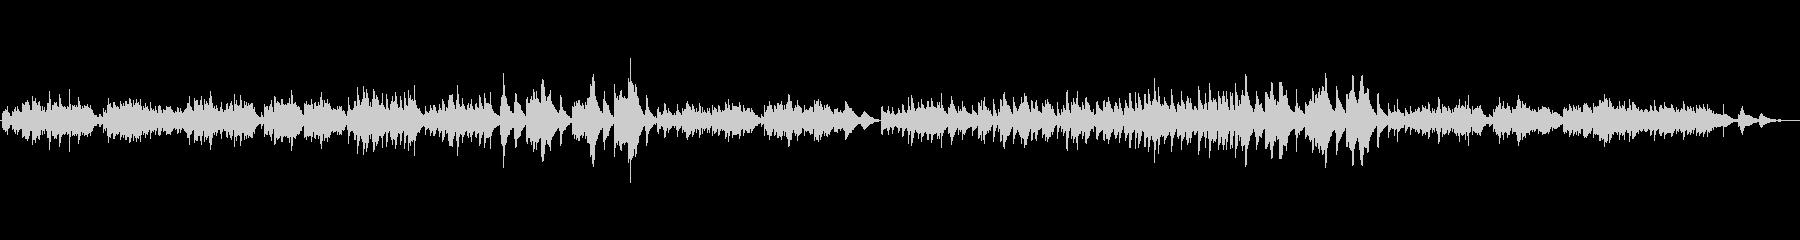 おしゃれなハープソロ『シシリエンヌ』の未再生の波形